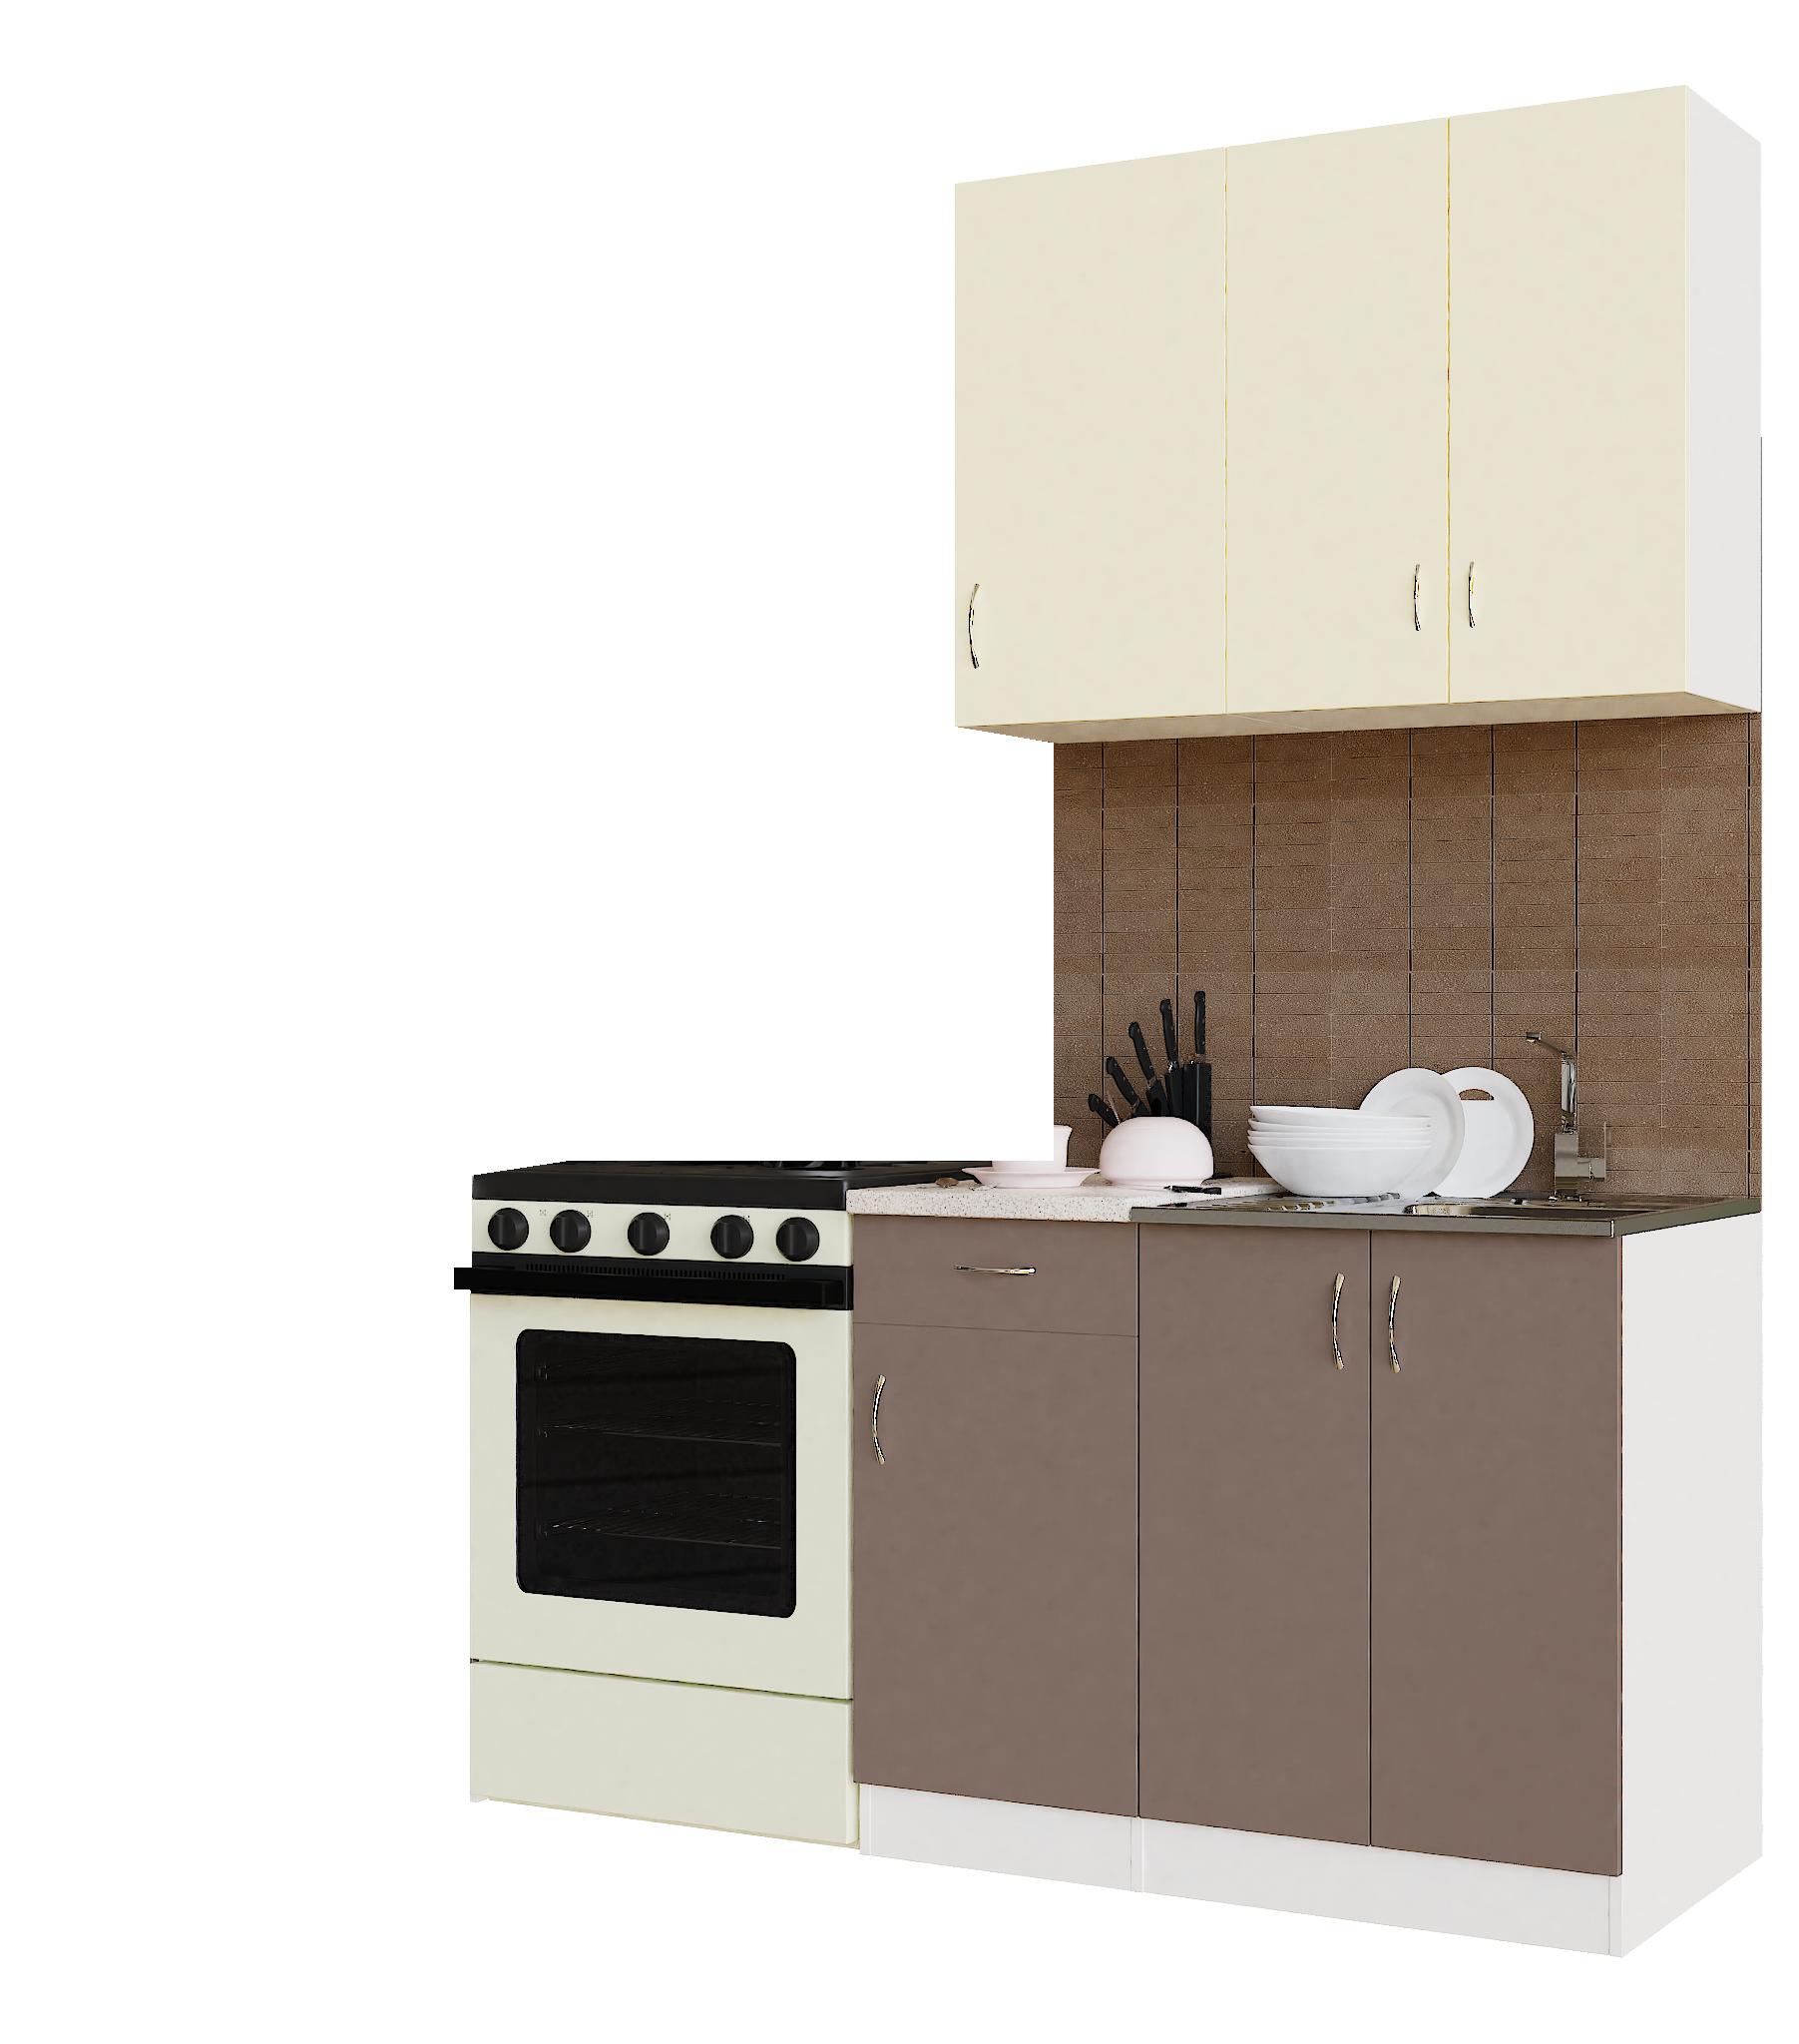 Кухонный гарнитур Sanvut ГК1000-5.6_12.2 Белый / Крем / Мокко (гренобль)